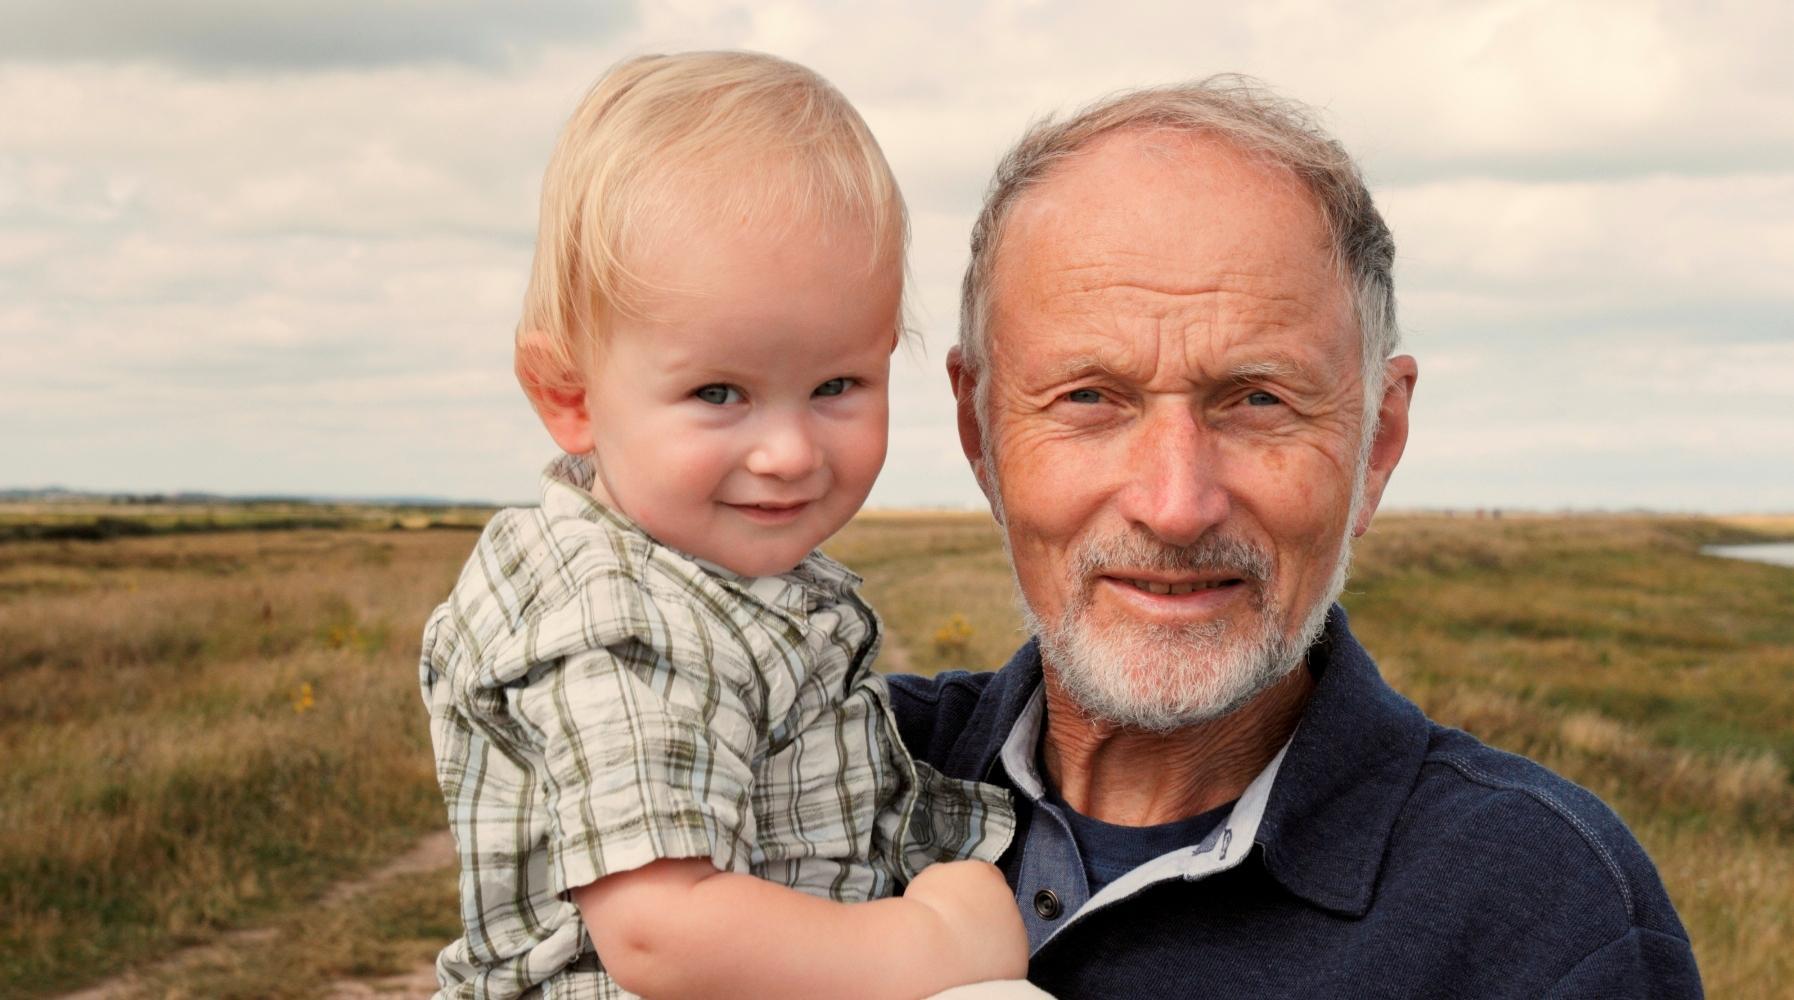 Отцовство в зрелом возрасте несет угрозу как для будущего ребенка, так и для его матери